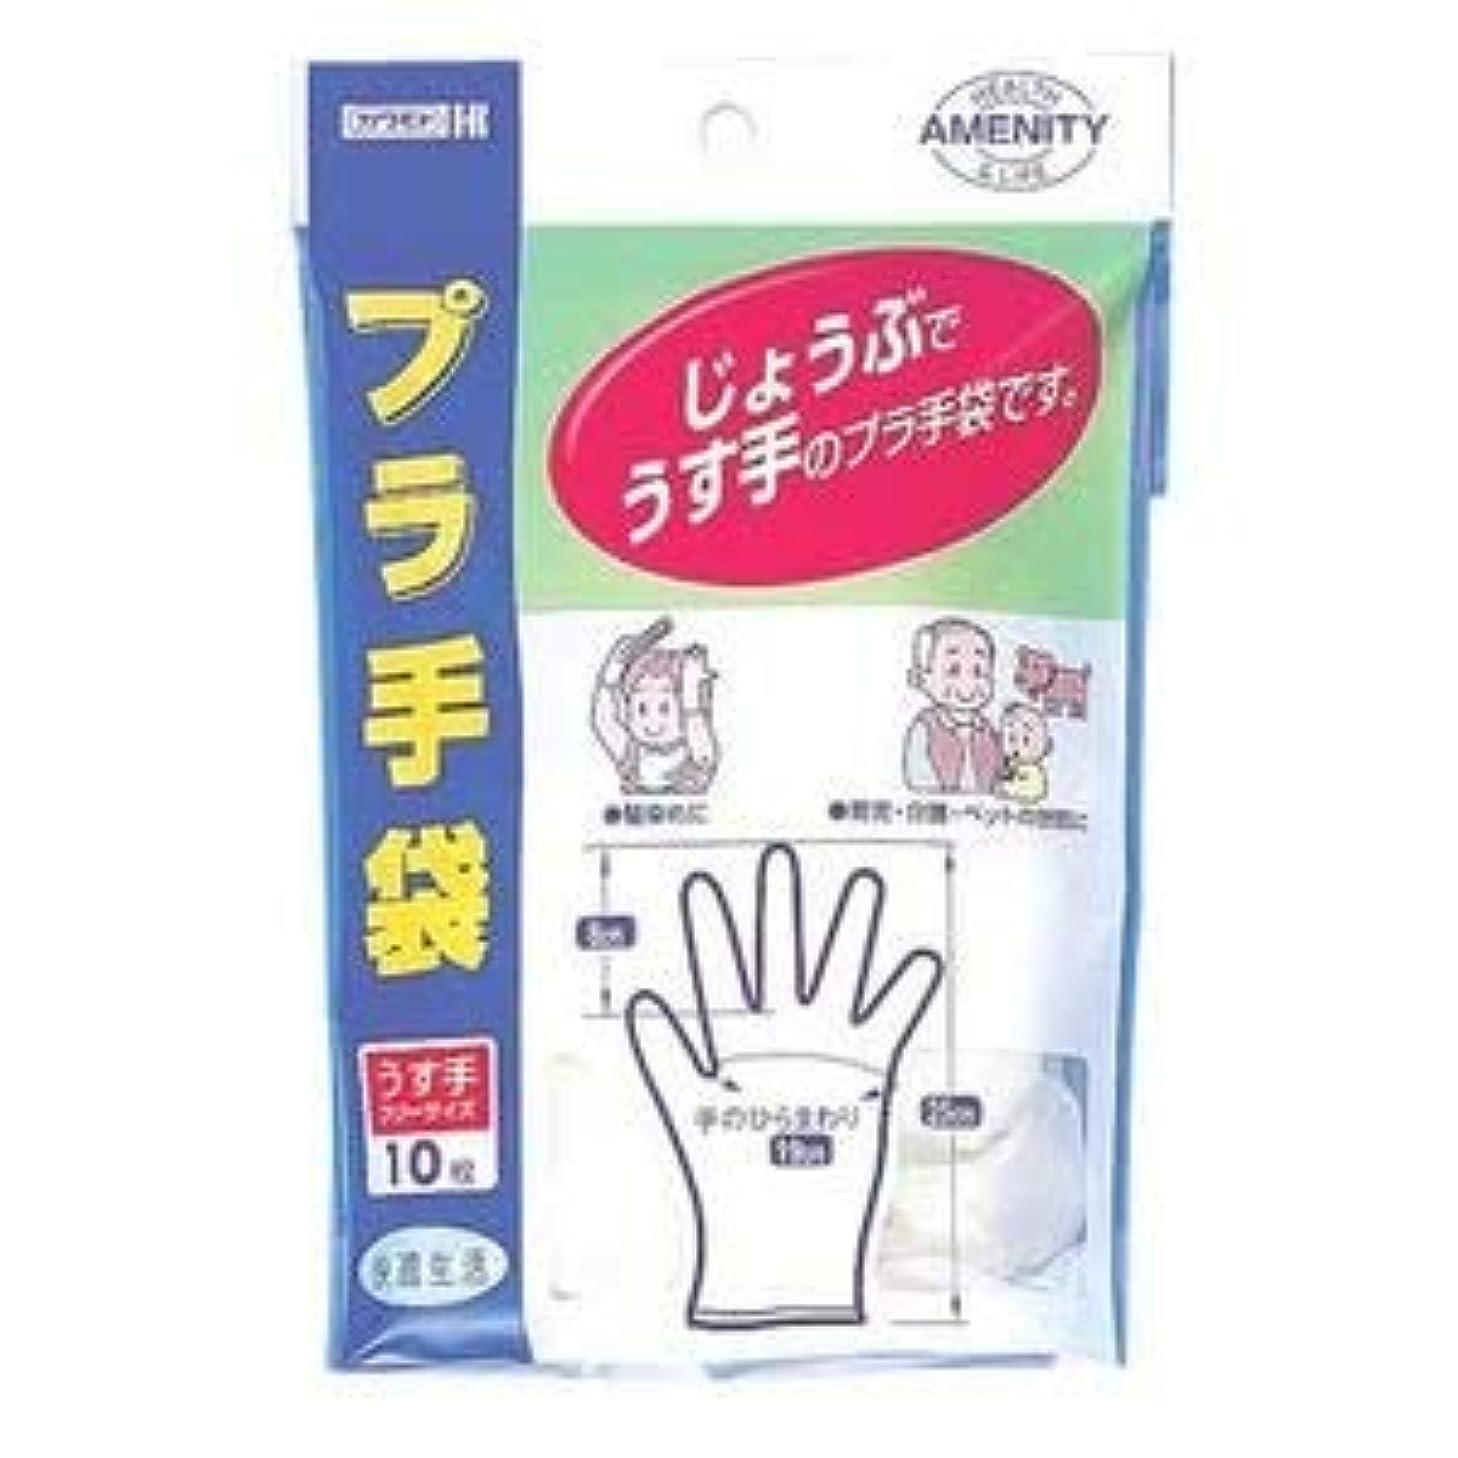 ハイキング鎮静剤フレアカワモト プラ手袋 10枚 ×6個